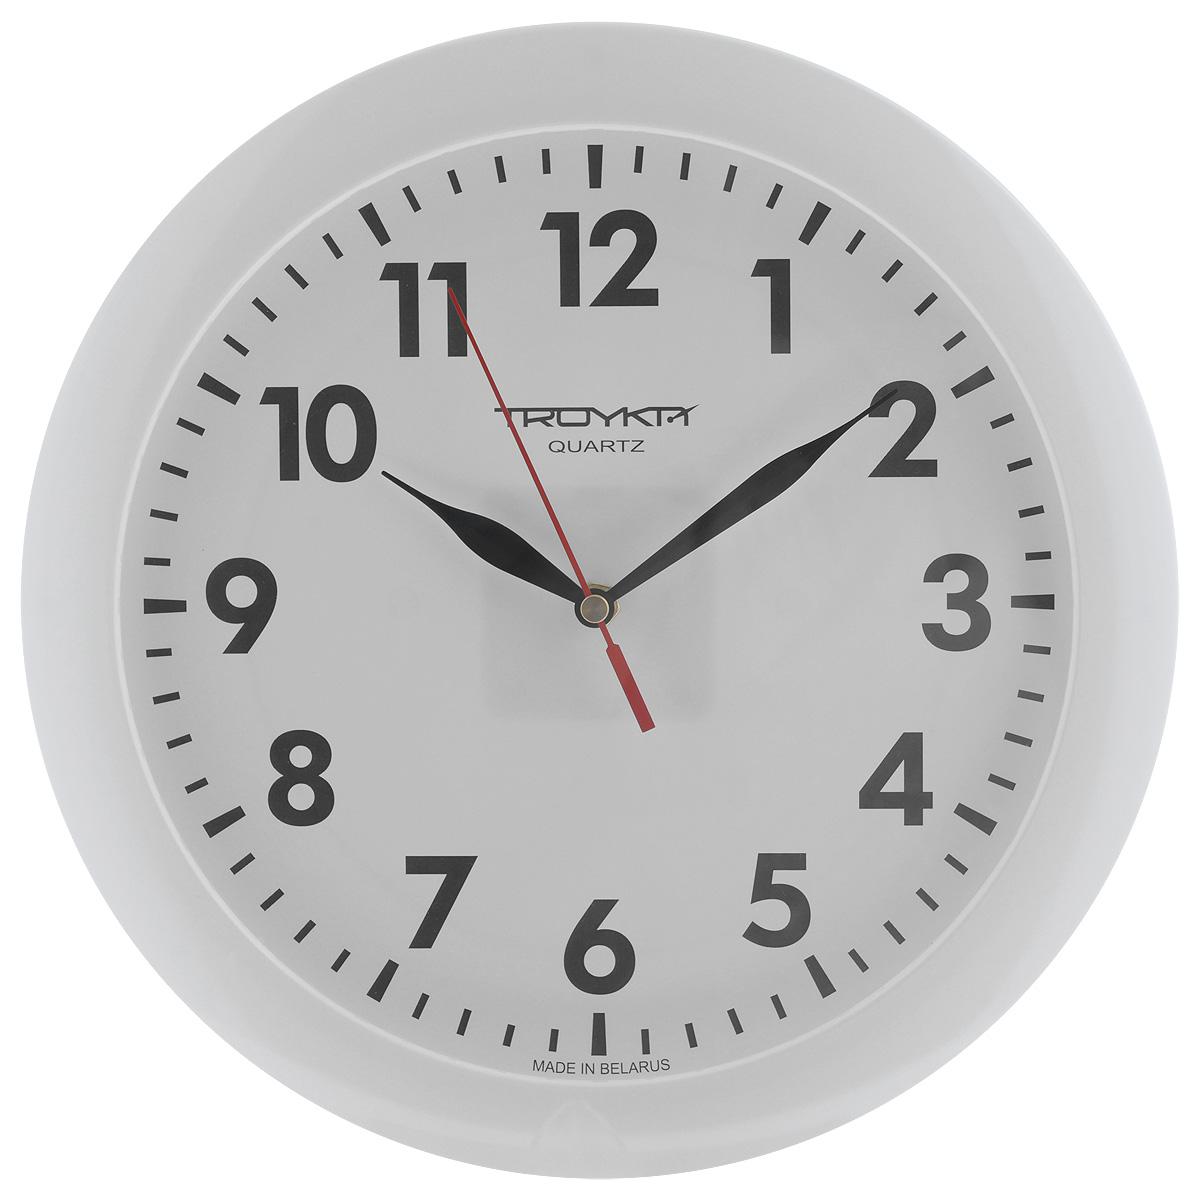 Часы настенные Troyka, цвет: белый. 1111011811110118Настенные кварцевые часы с классическим дизайном Troyka, изготовленные из пластика, прекрасно подойдут под интерьер вашего дома. Круглые часы имеют три стрелки: часовую, минутную и секундную, циферблат защищен прозрачным пластиком. Диаметр часов: 29 см. Часы работают от 1 батарейки типа АА напряжением 1,5 В (входит в комплект).